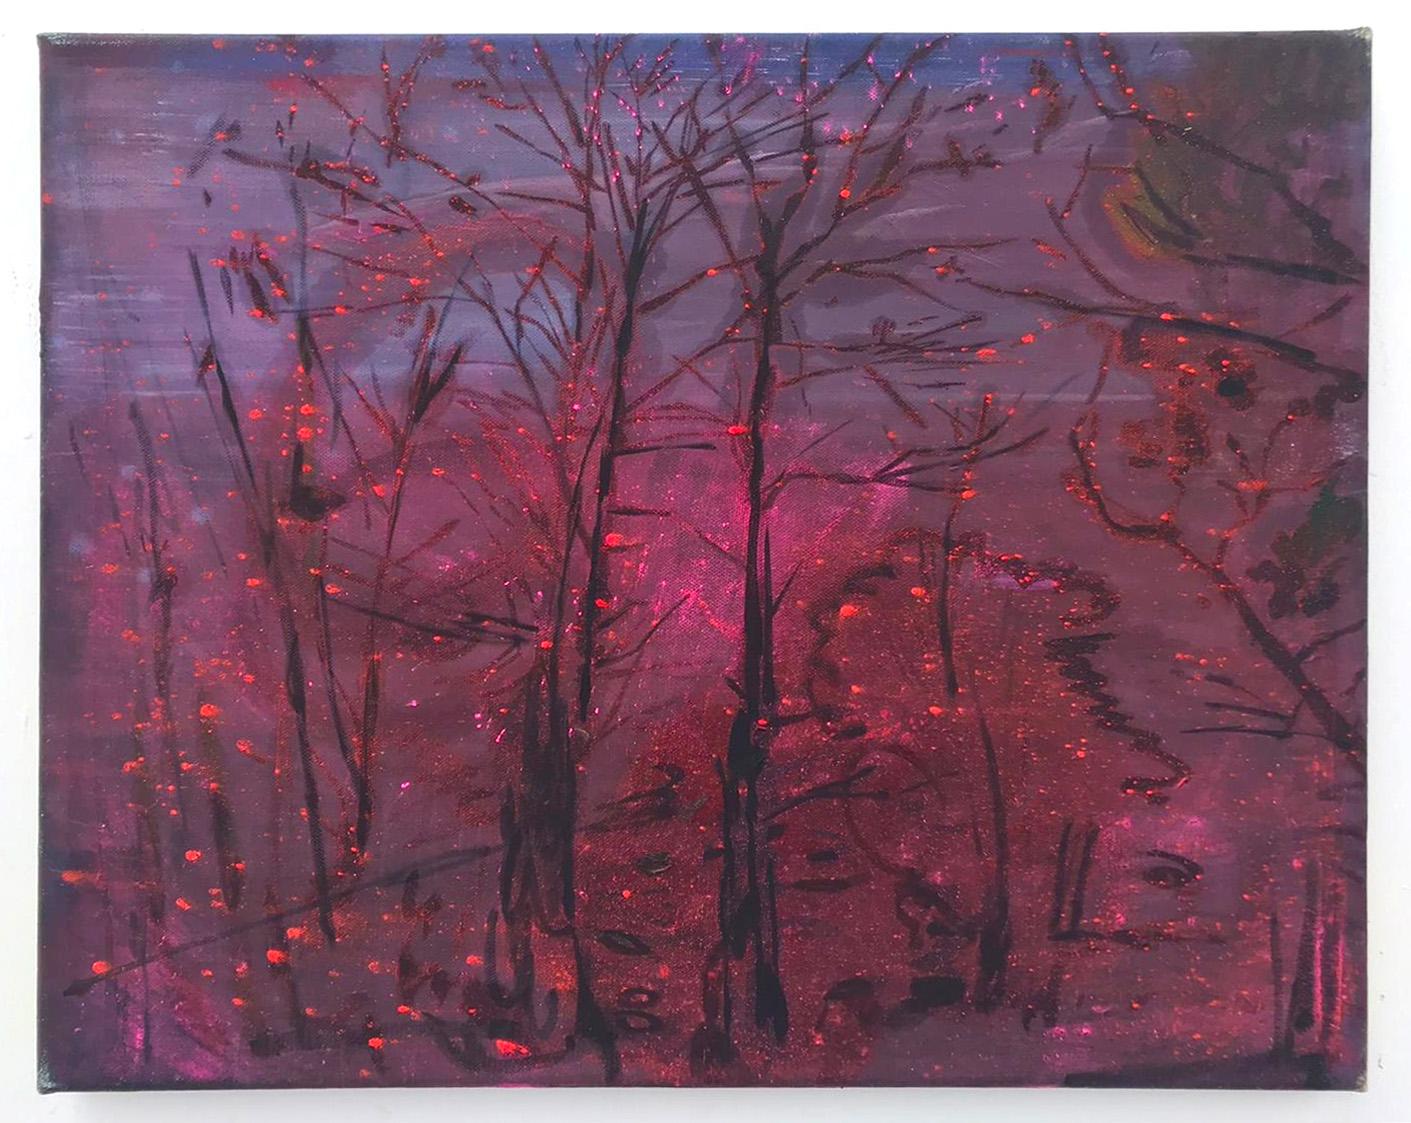 Elizabeth Magill, mothlight, 2020, oil on canvas, 40.5 x 50.5 cm / 15.9 x 19.9 in   Elizabeth Magill: Her Nature   Saturday 5 September  – Saturday 10 October 2020   Kerlin Gallery